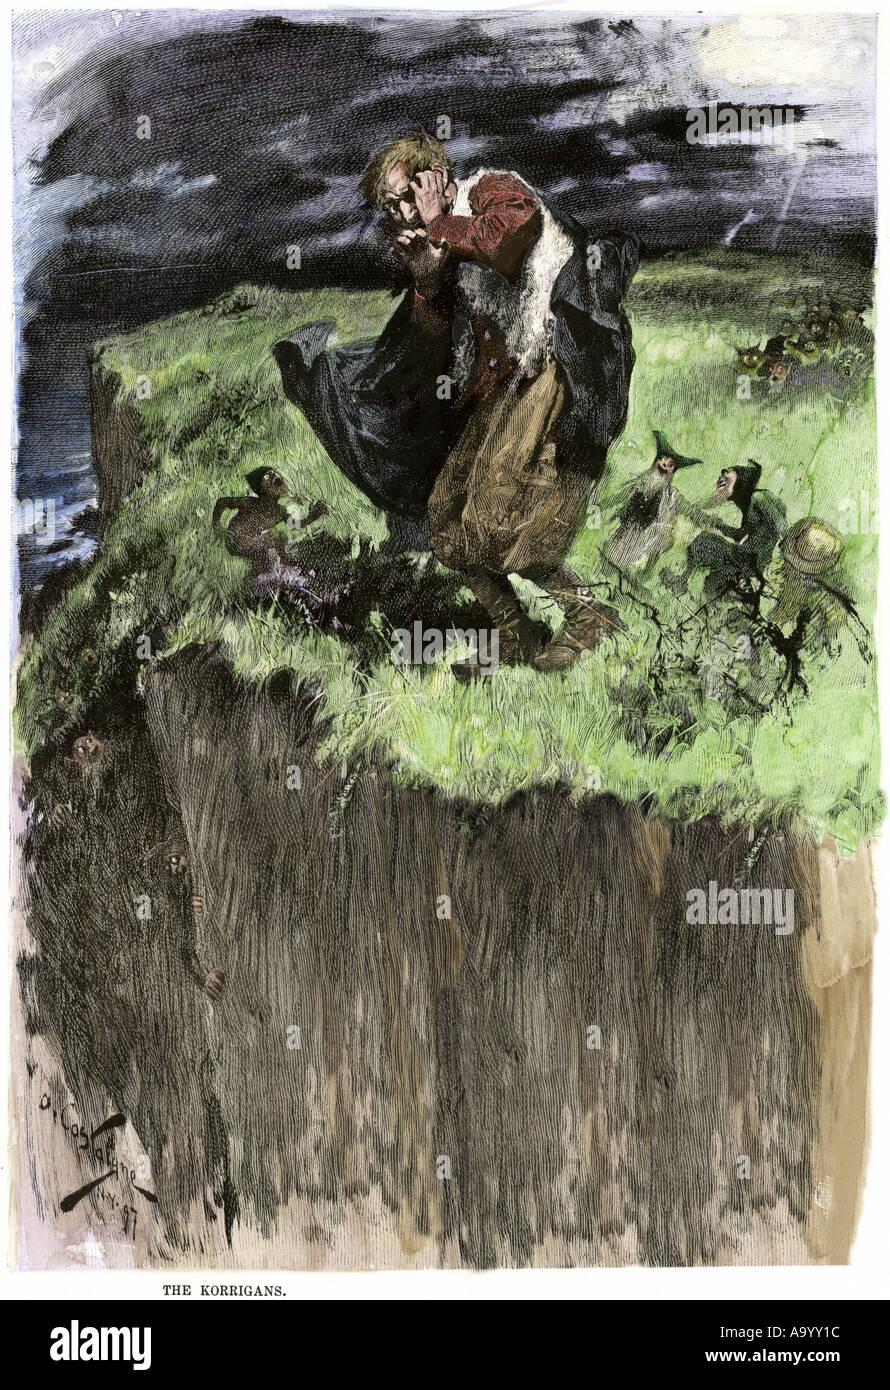 Clurichauns de folklore irlandés liderando un viajero tipsy extraviados. Xilografía coloreada a mano Imagen De Stock